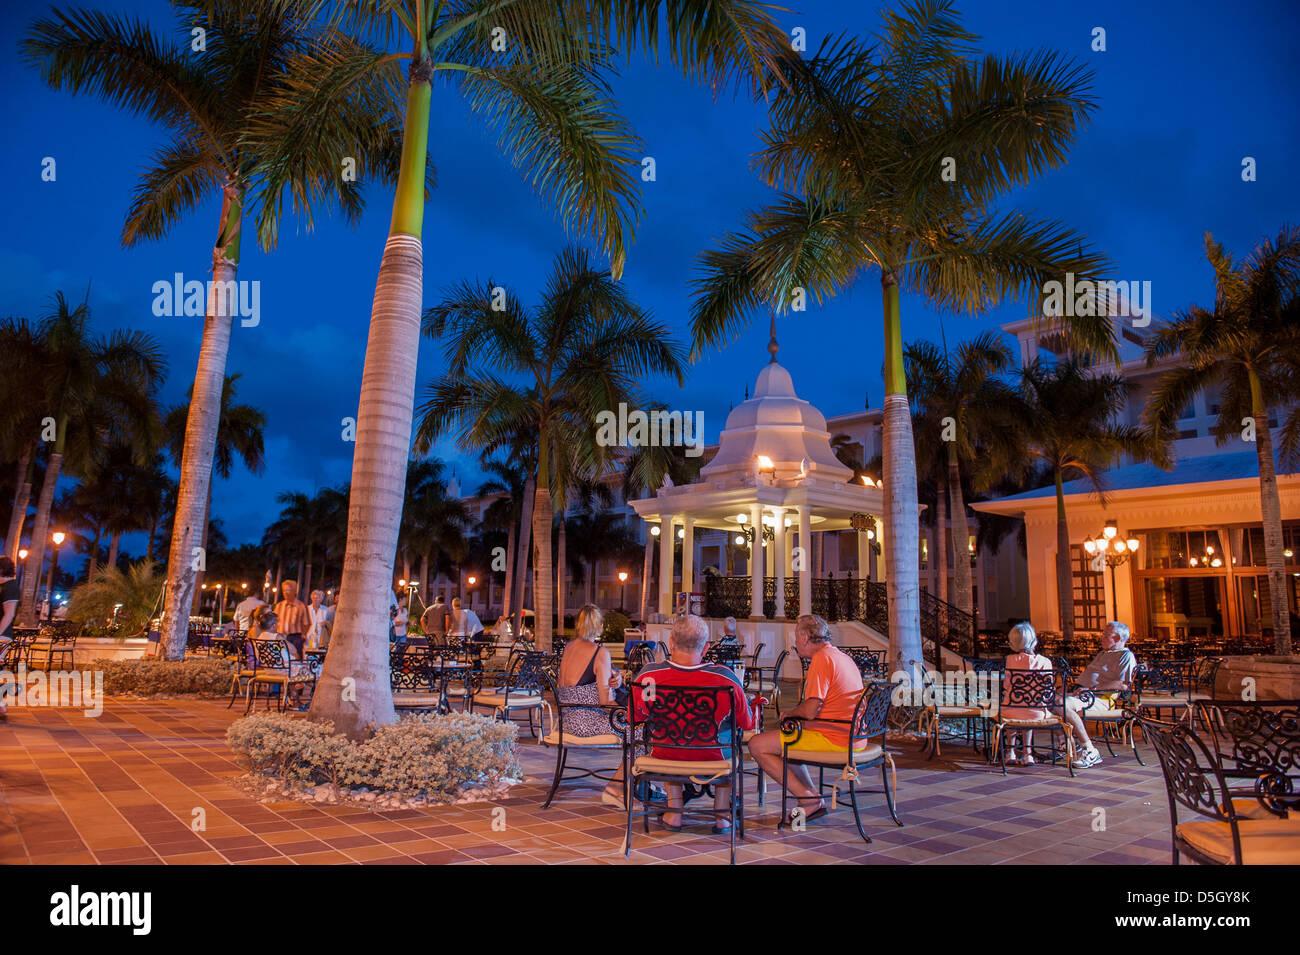 República Dominicana, Punta Cana, Bavaro Higuey, Riu Palace, la gente, la piazza relajante por la tarde Imagen De Stock